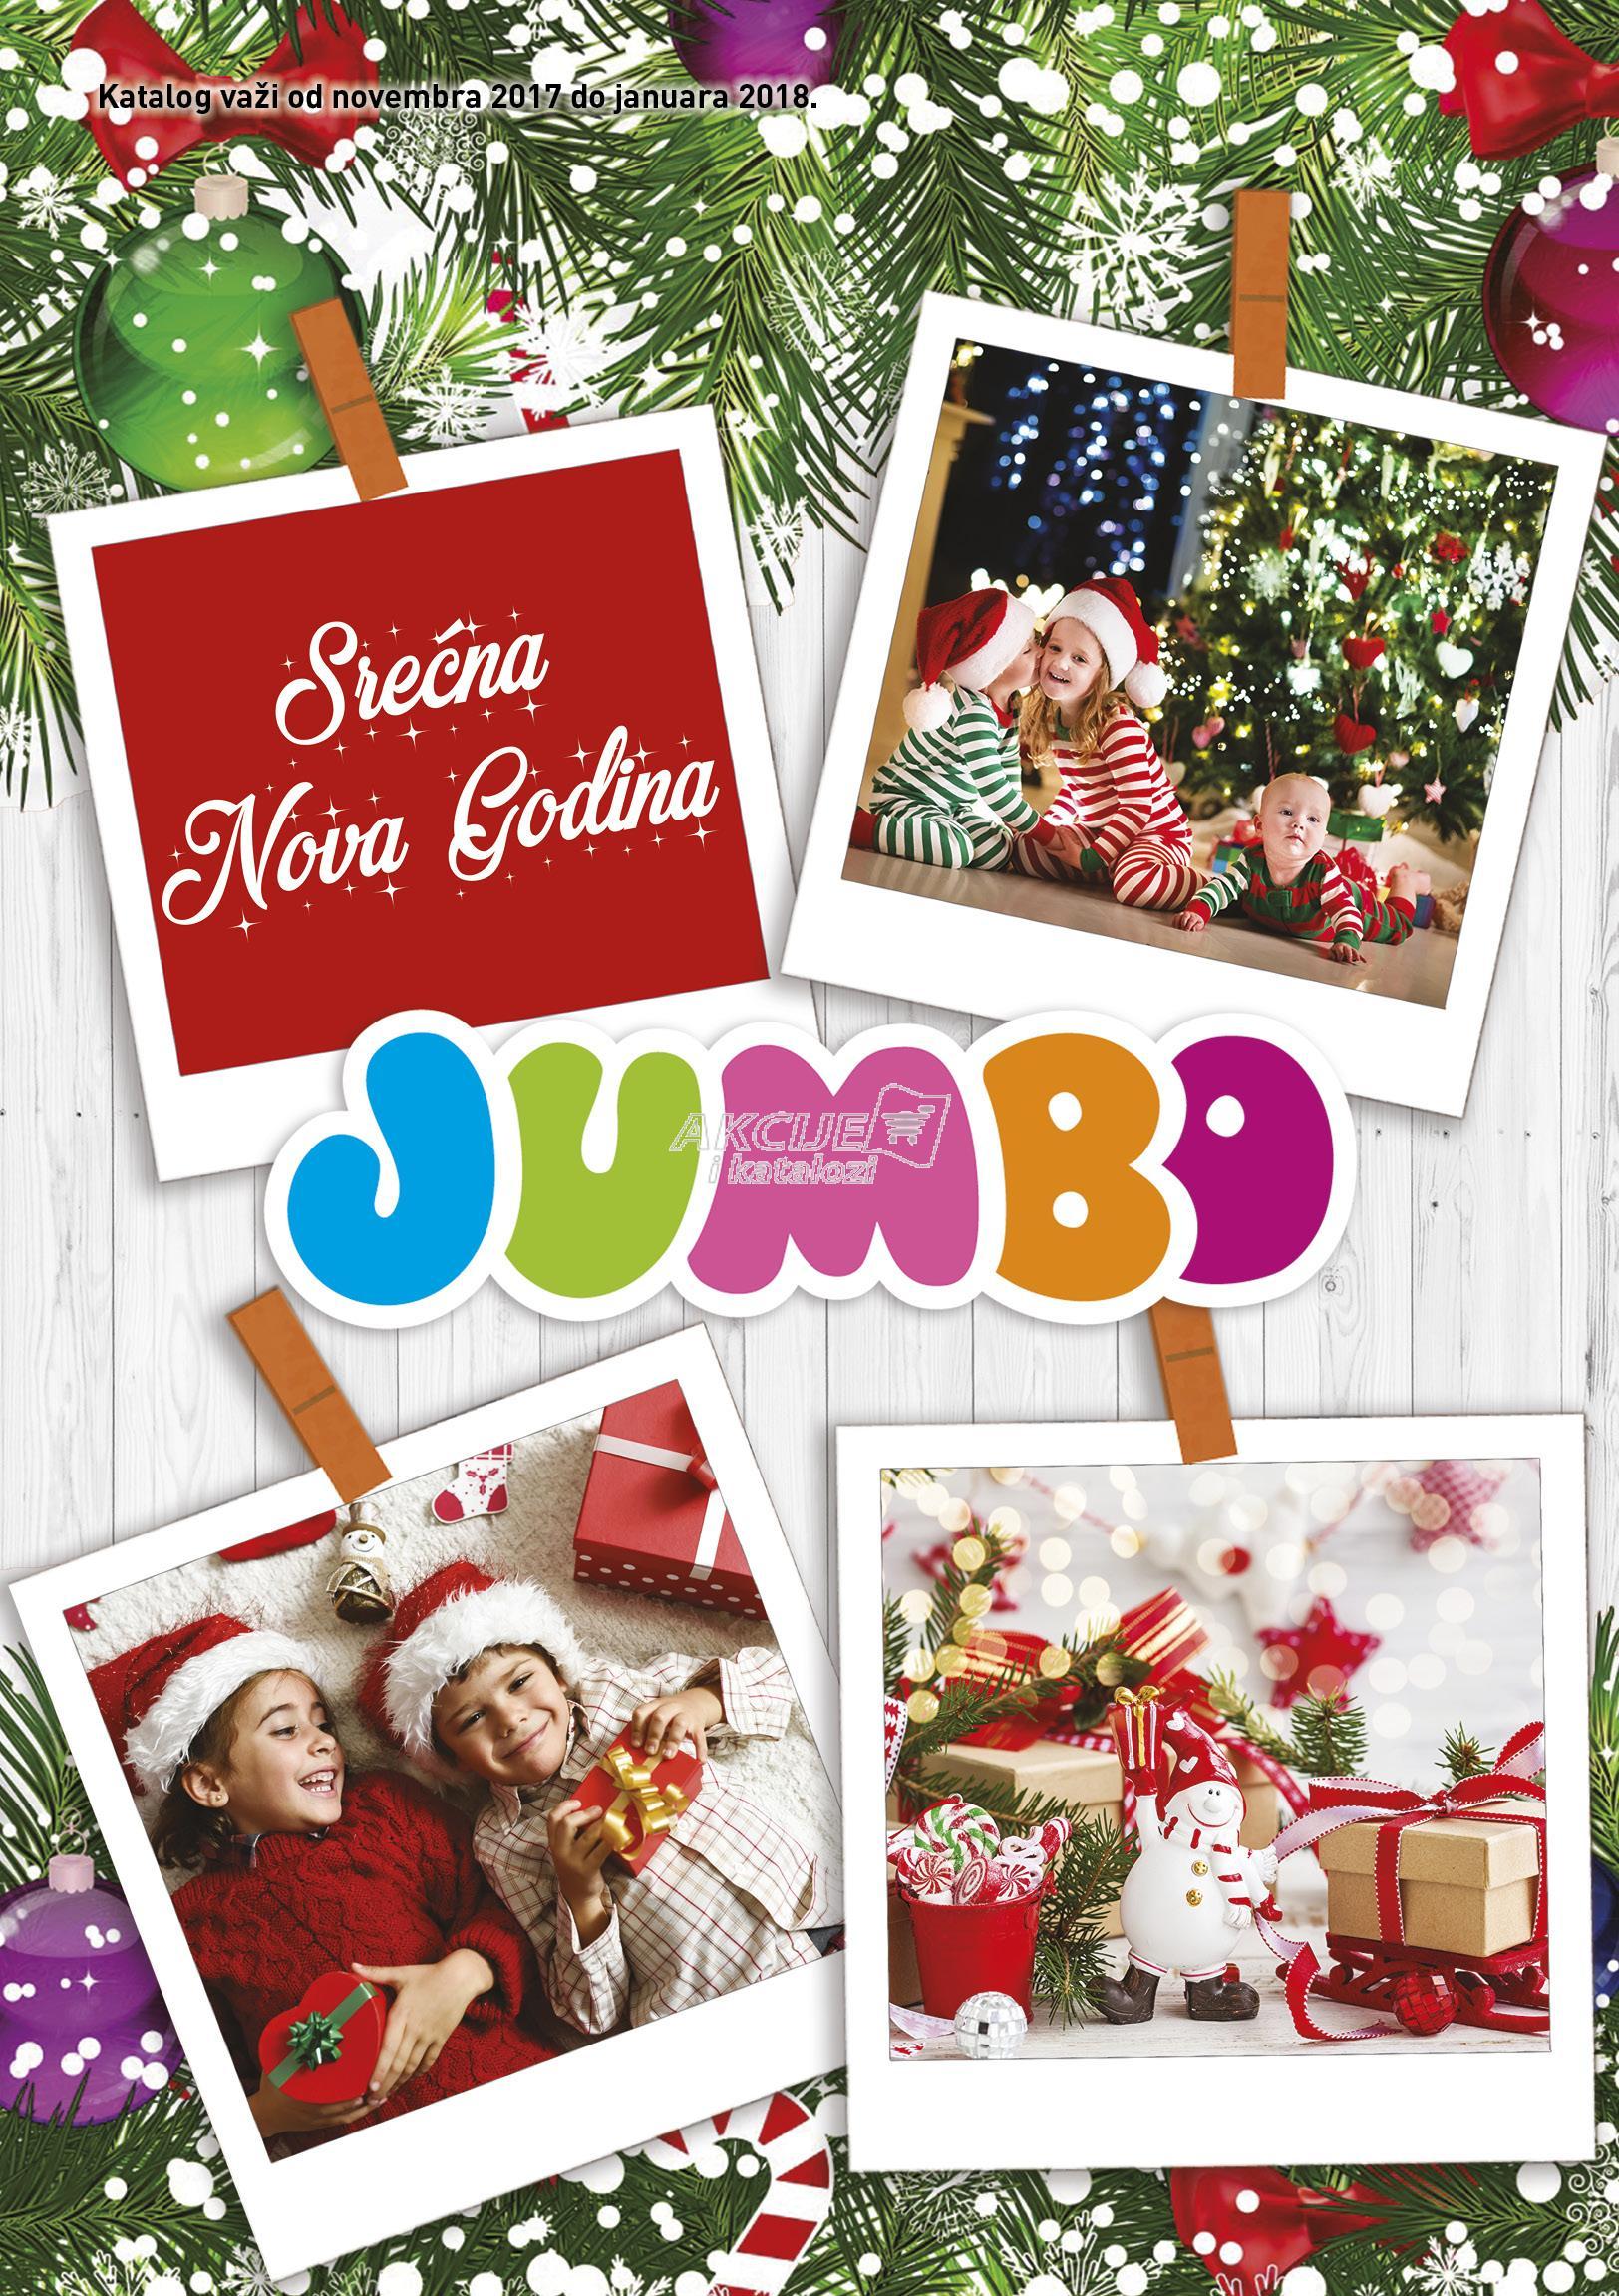 Jumbo akcija novogodišnje kupovine